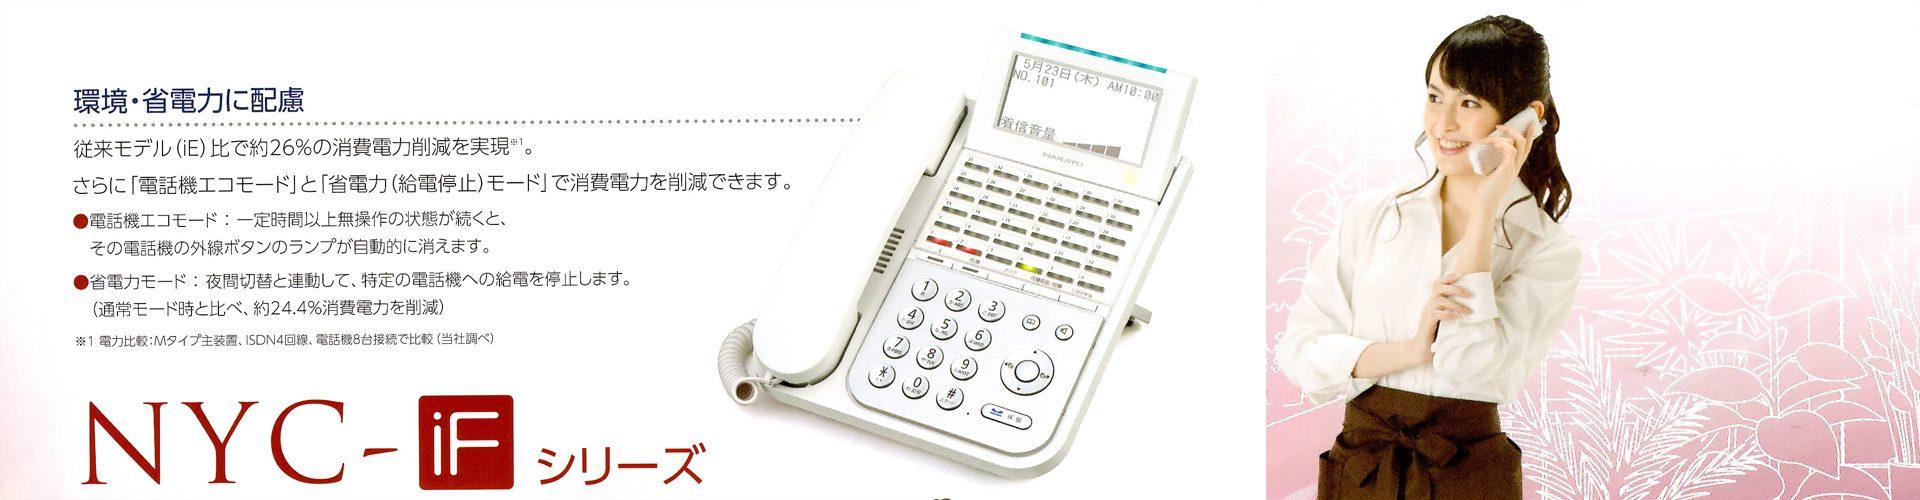 スマートフォン&携帯電話連携「モバイルアシスト」